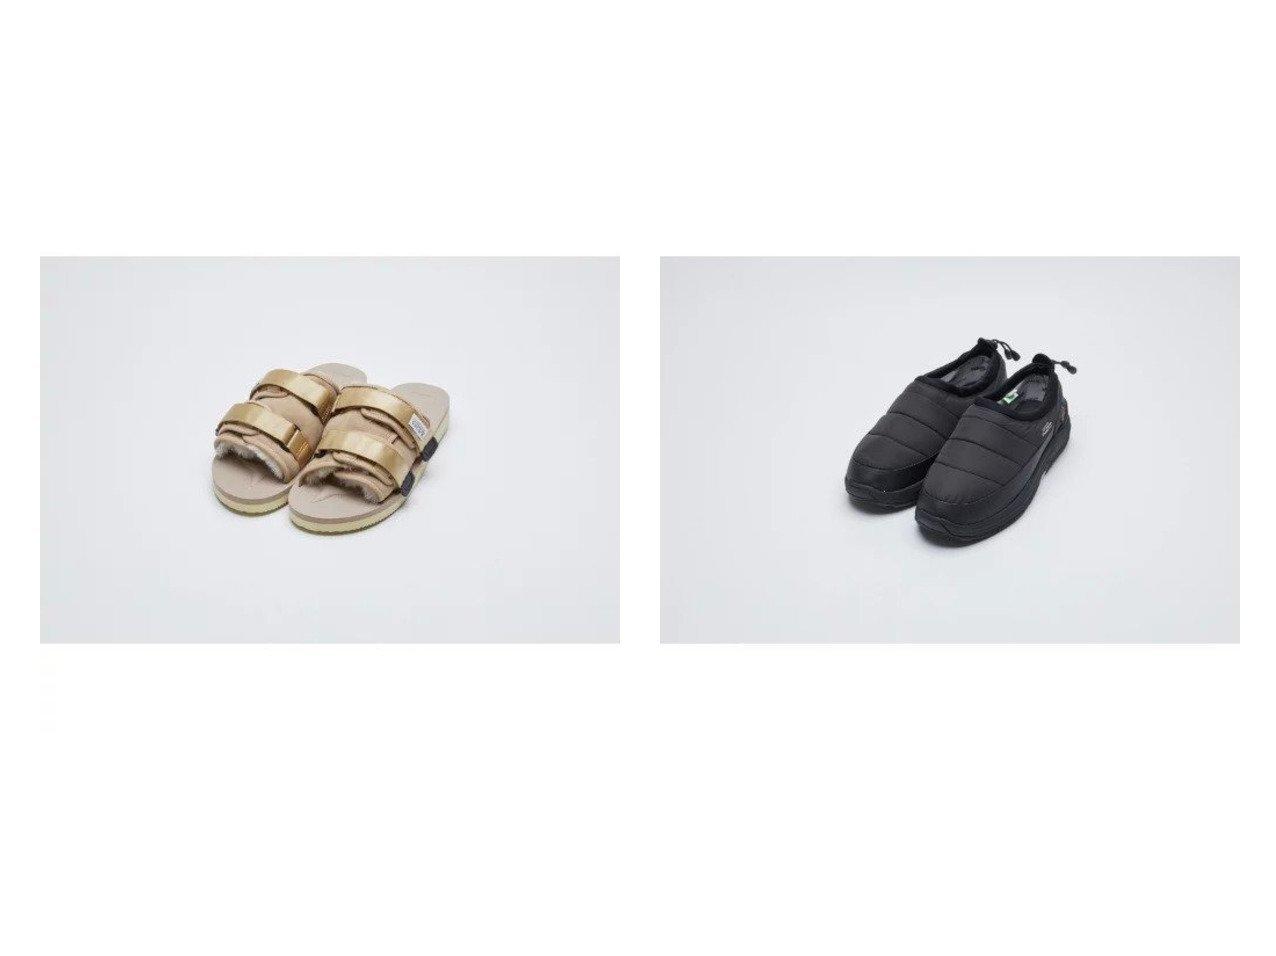 【SUICOKE/スイコック】のPEPPER-アウトドア対応&ムートンサンダル 【シューズ・靴】おすすめ!人気、トレンド・レディースファッションの通販  おすすめで人気の流行・トレンド、ファッションの通販商品 インテリア・家具・メンズファッション・キッズファッション・レディースファッション・服の通販 founy(ファニー) https://founy.com/ ファッション Fashion レディースファッション WOMEN クッション サンダル シューズ ムートン 抗菌 軽量 アウトドア スリッポン フィット フラット ラップ |ID:crp329100000062304